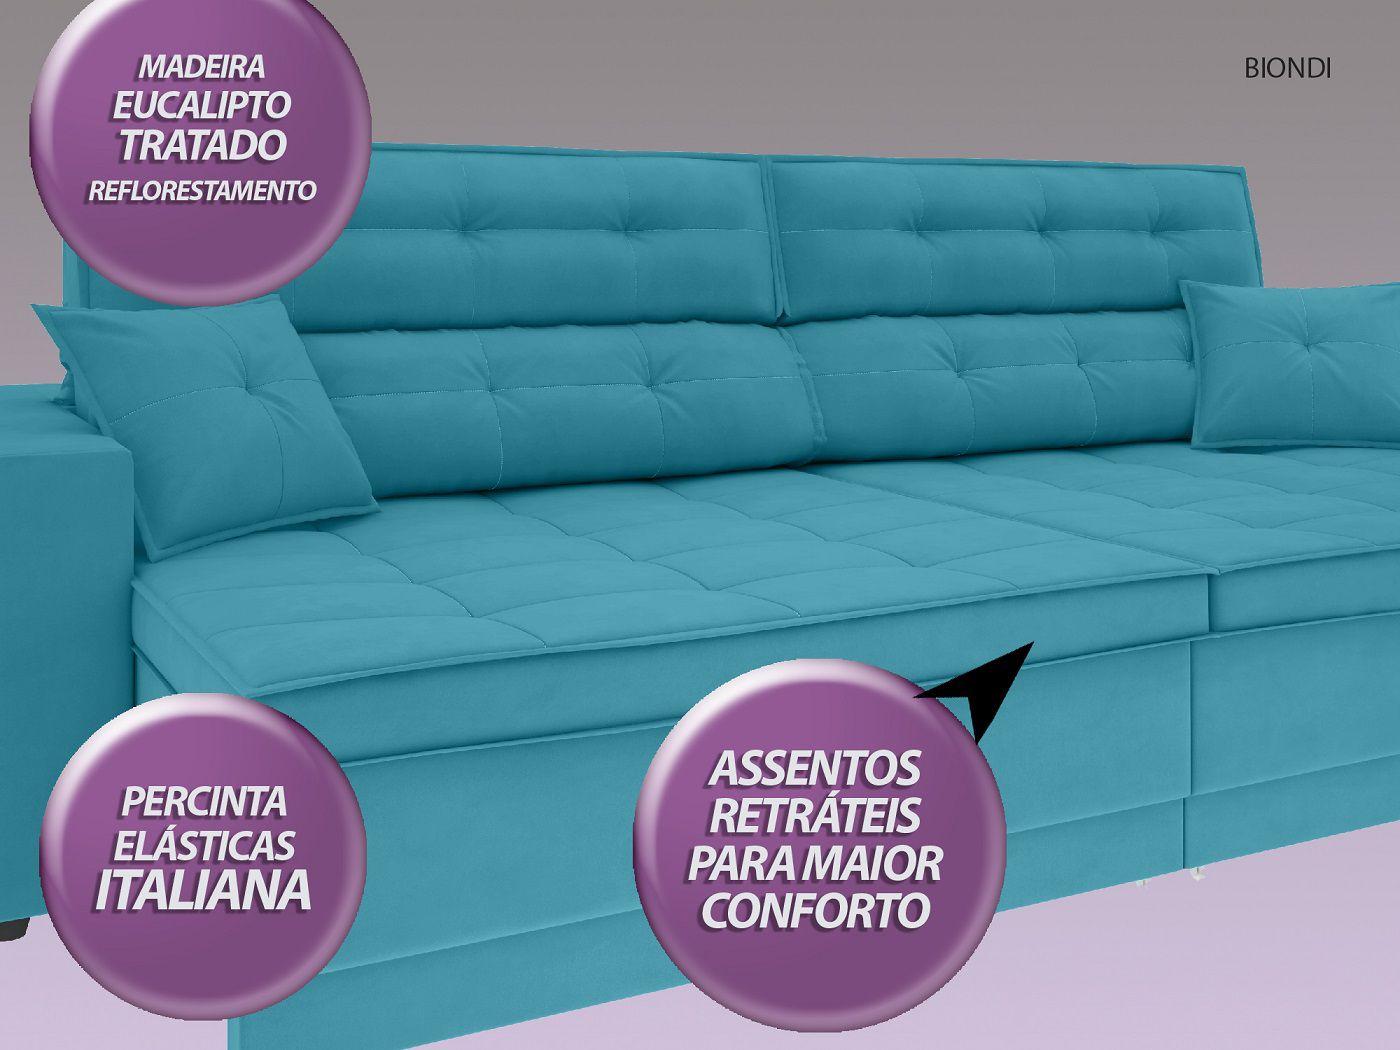 Sofá New Biondi 2,90m Retrátil e Reclinável Velosuede Turquesa  - NETSOFAS  - NETSOFÁS